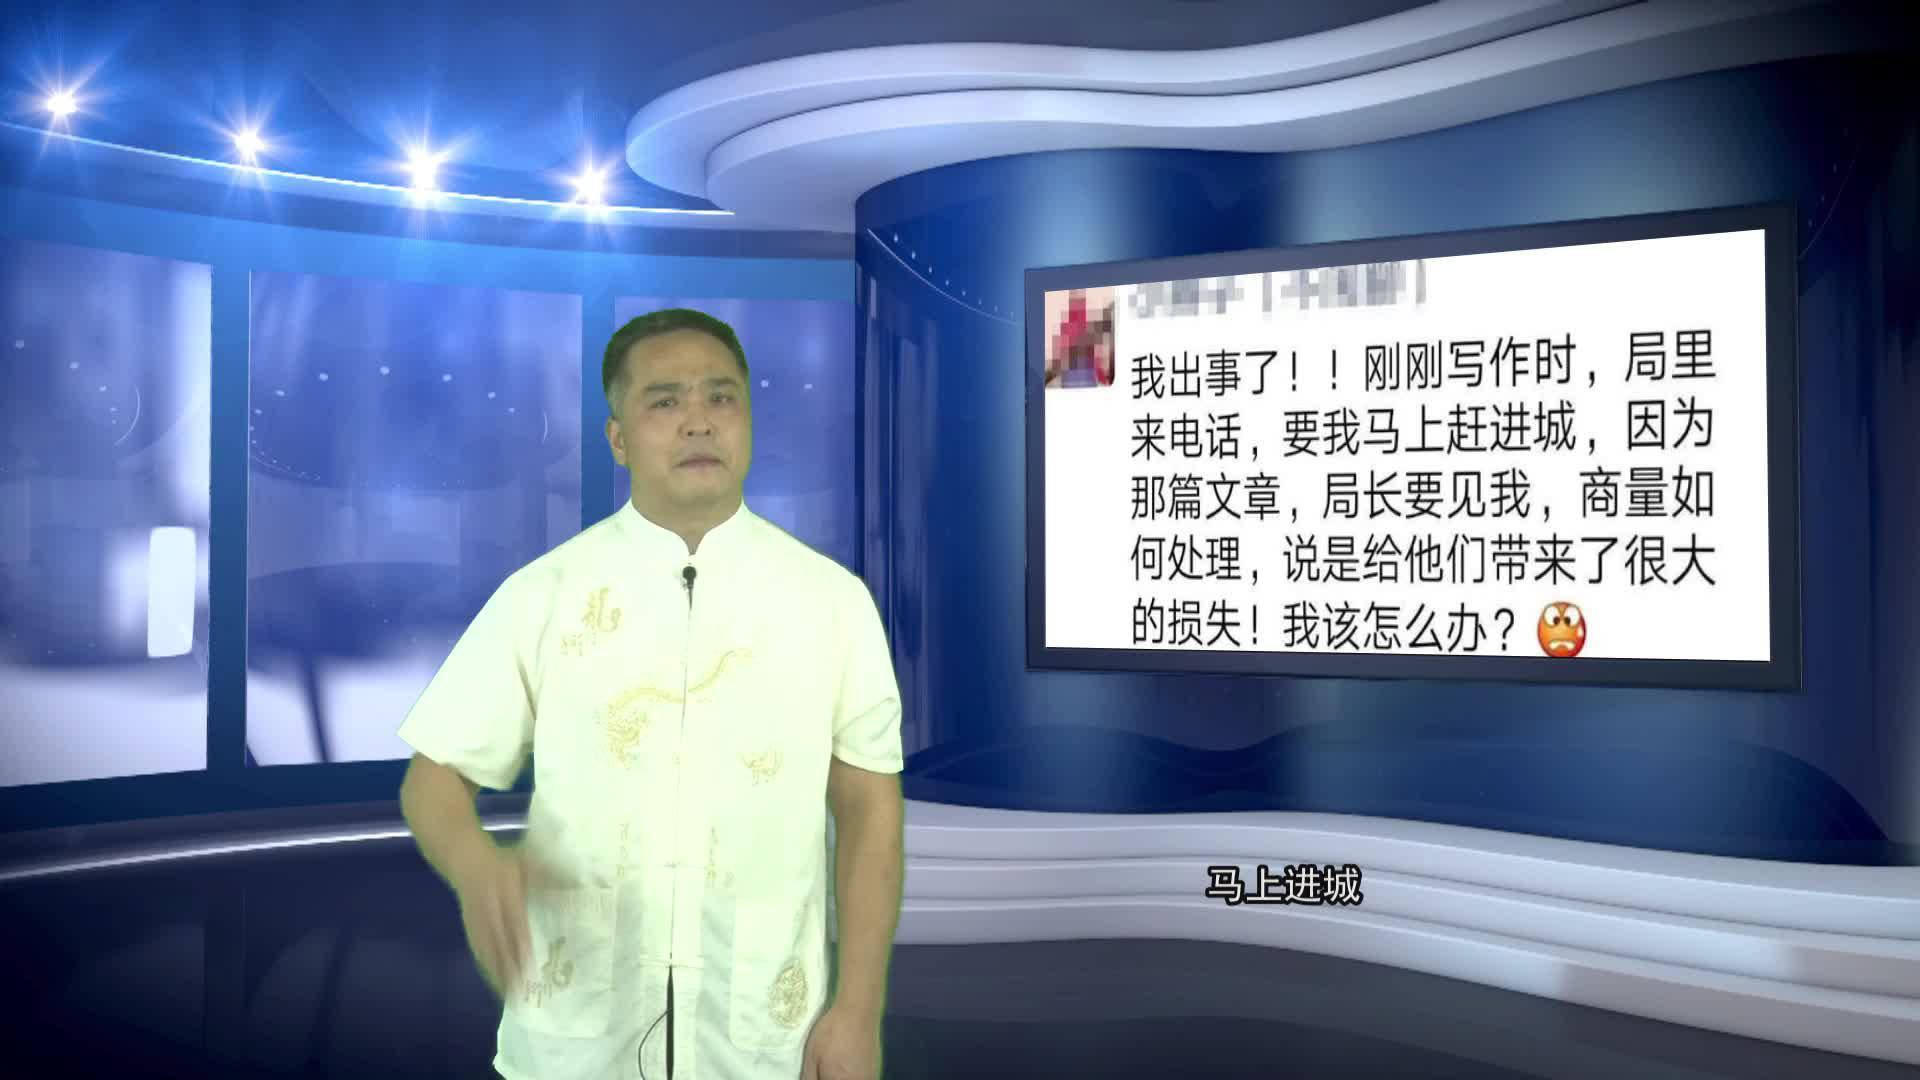 李老师抨击形式主义赢了,精彩的战斗檄文值得一看,正义从不缺席